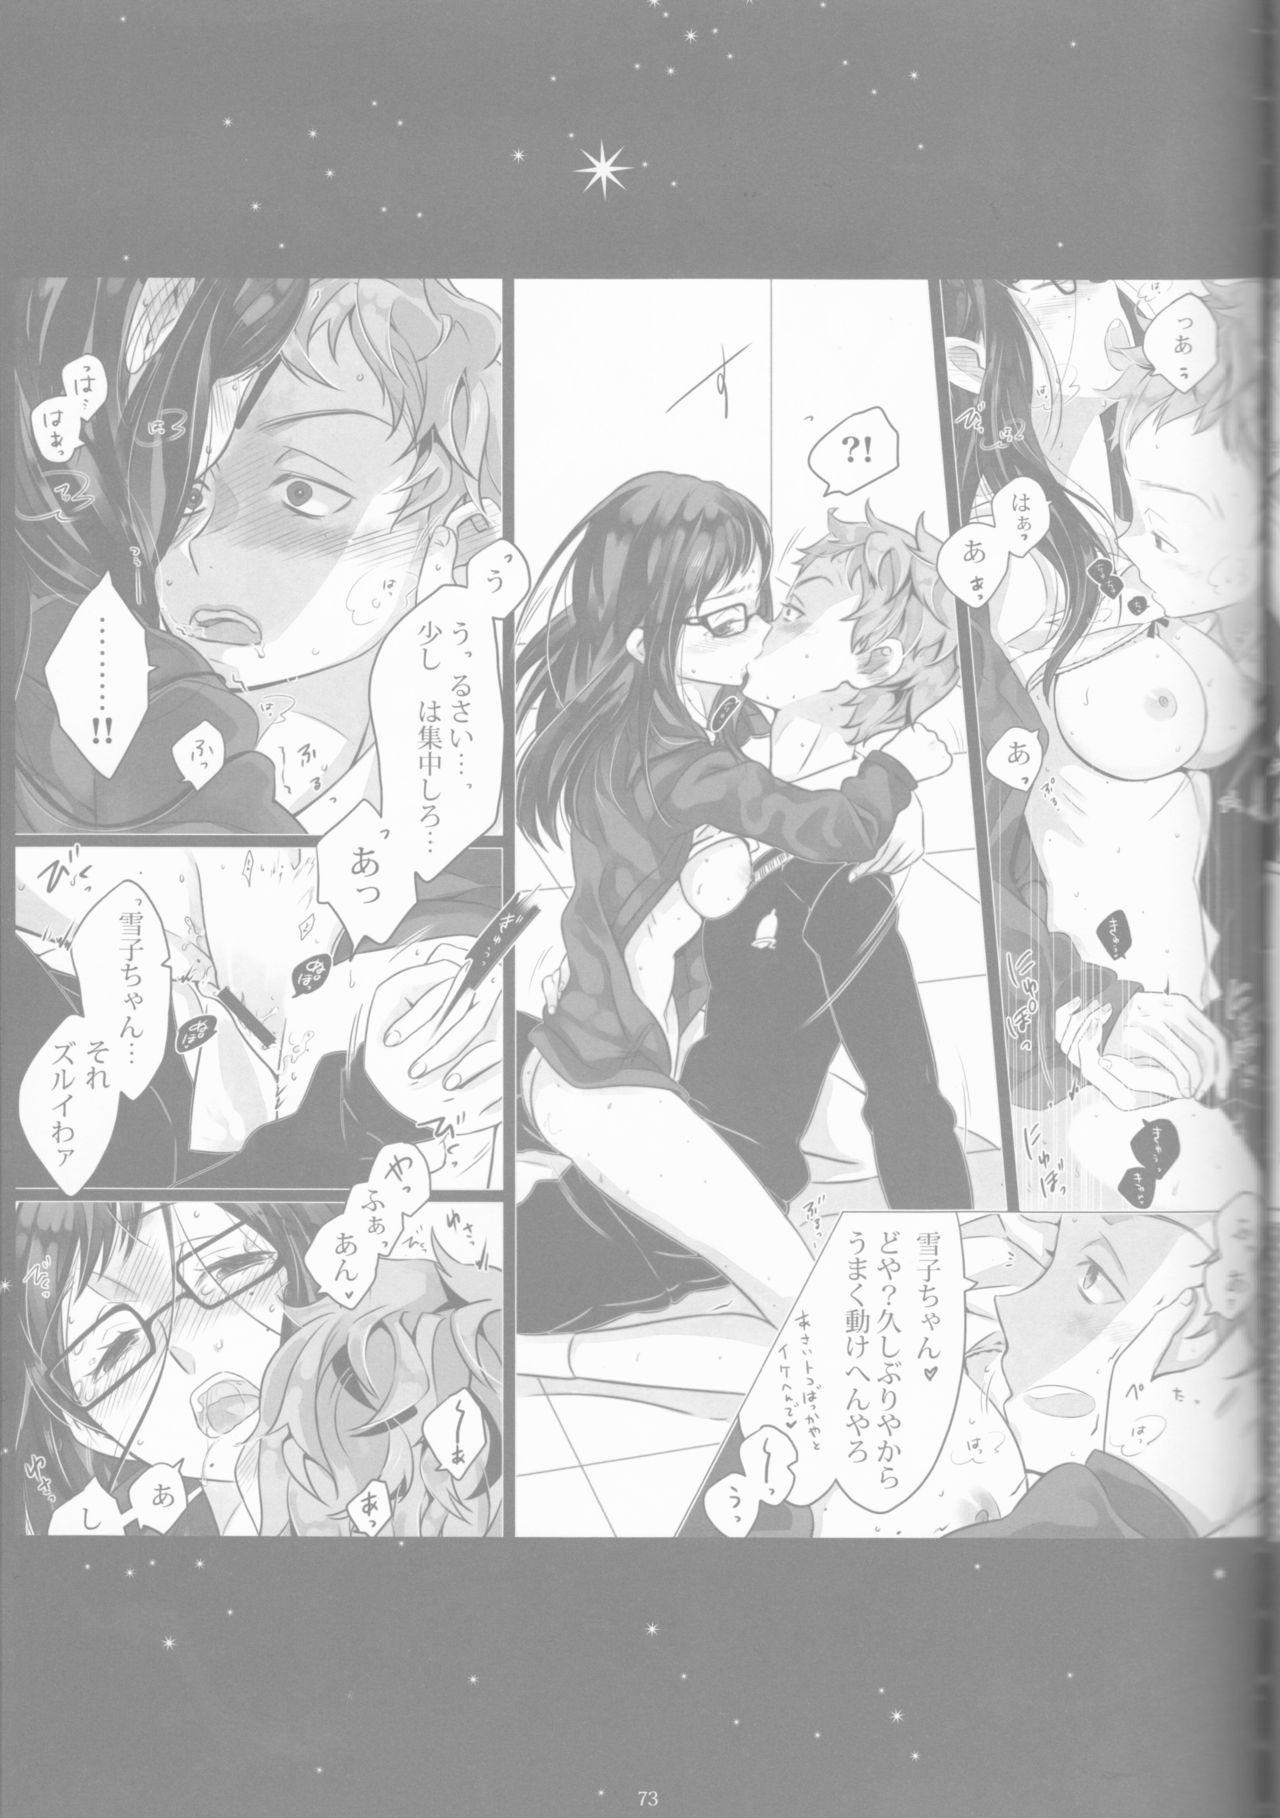 Toge hikari no navu~igātoria book 2(blue exorcist] 71